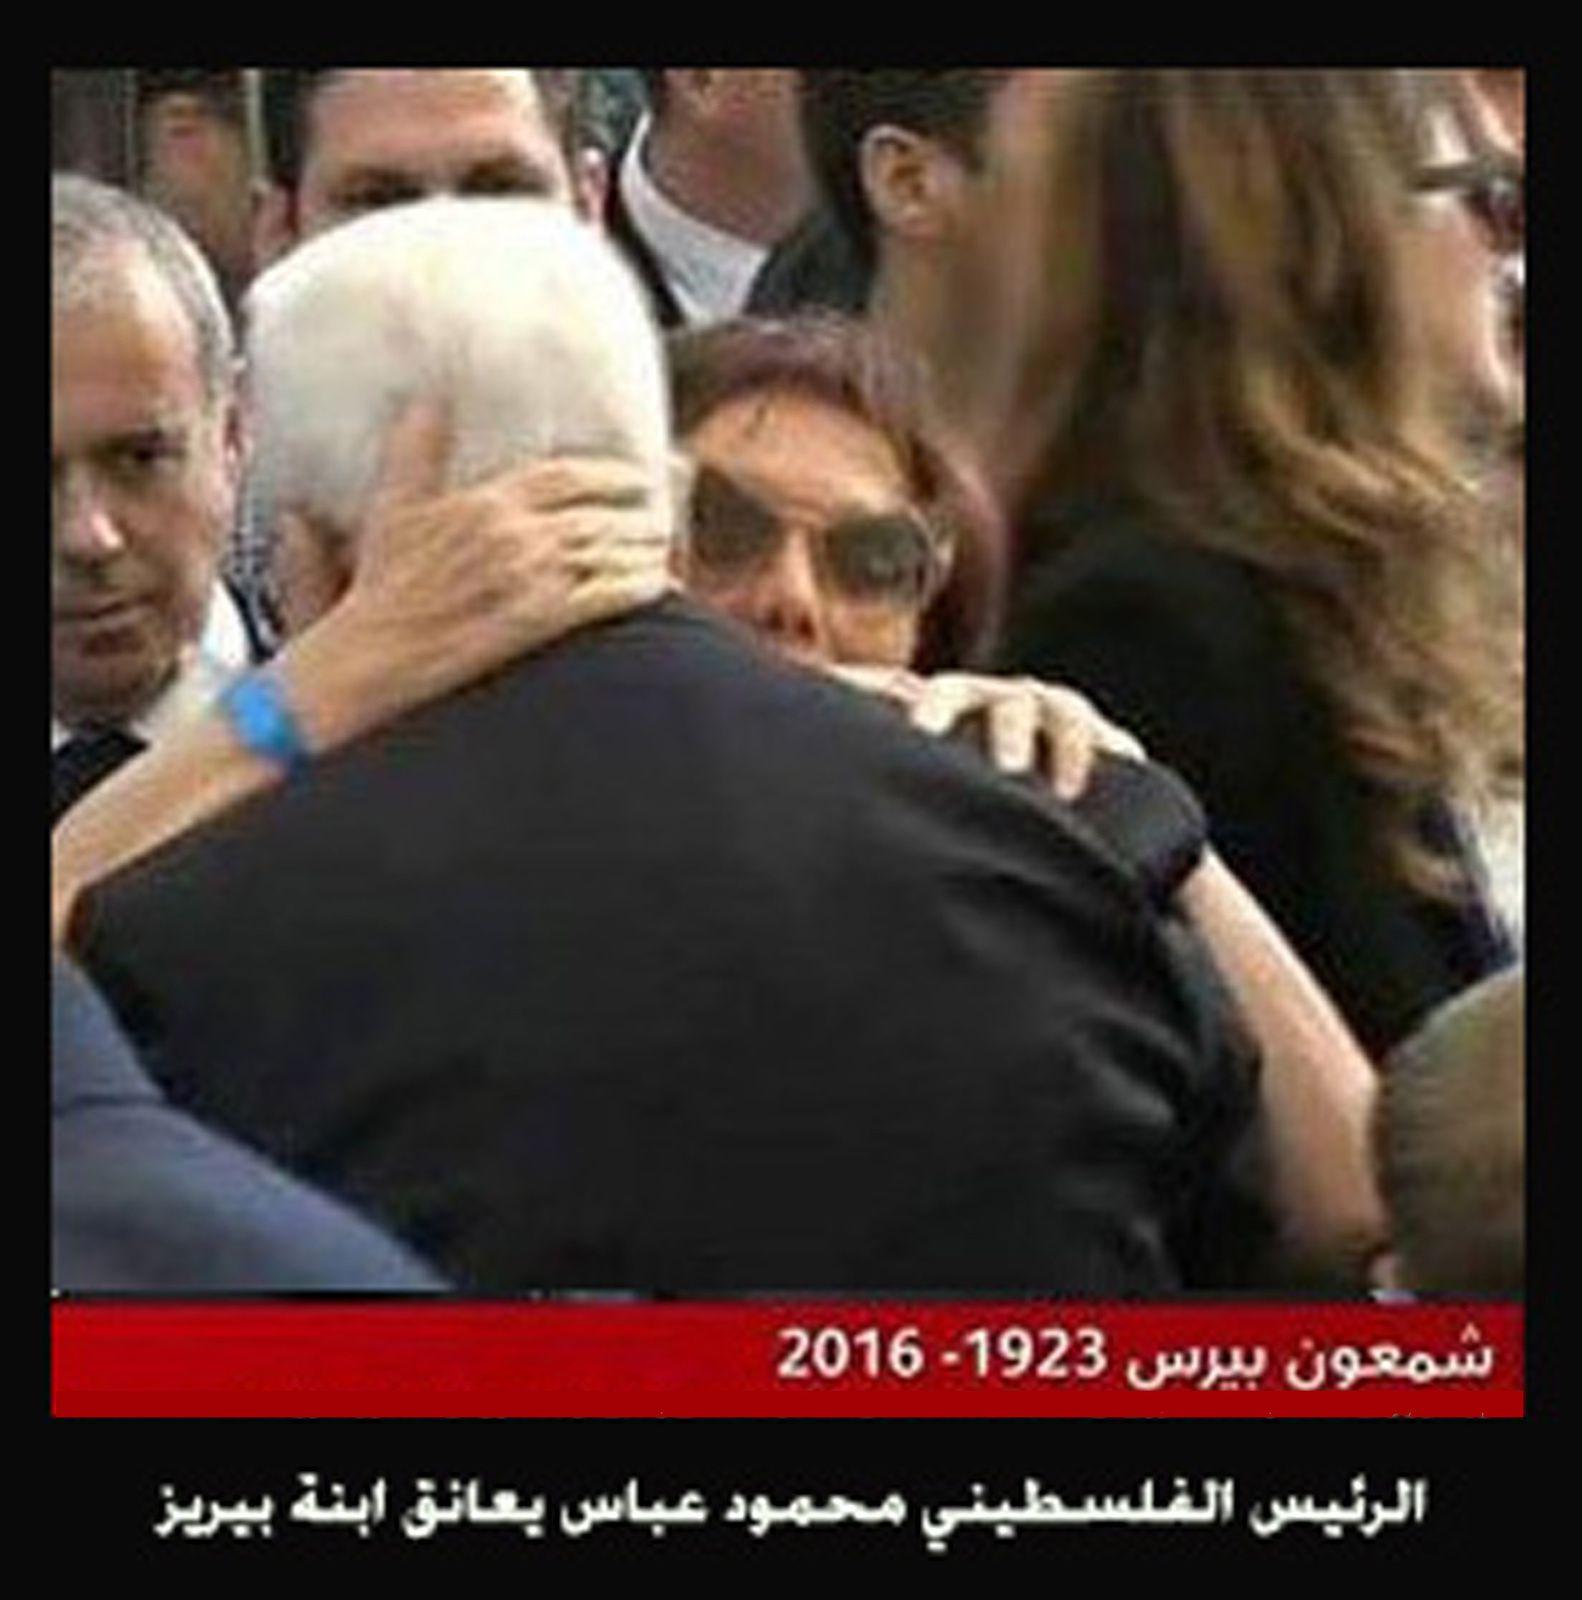 شاعر يفسر بكاء محمود عباس في جنازة بيريز